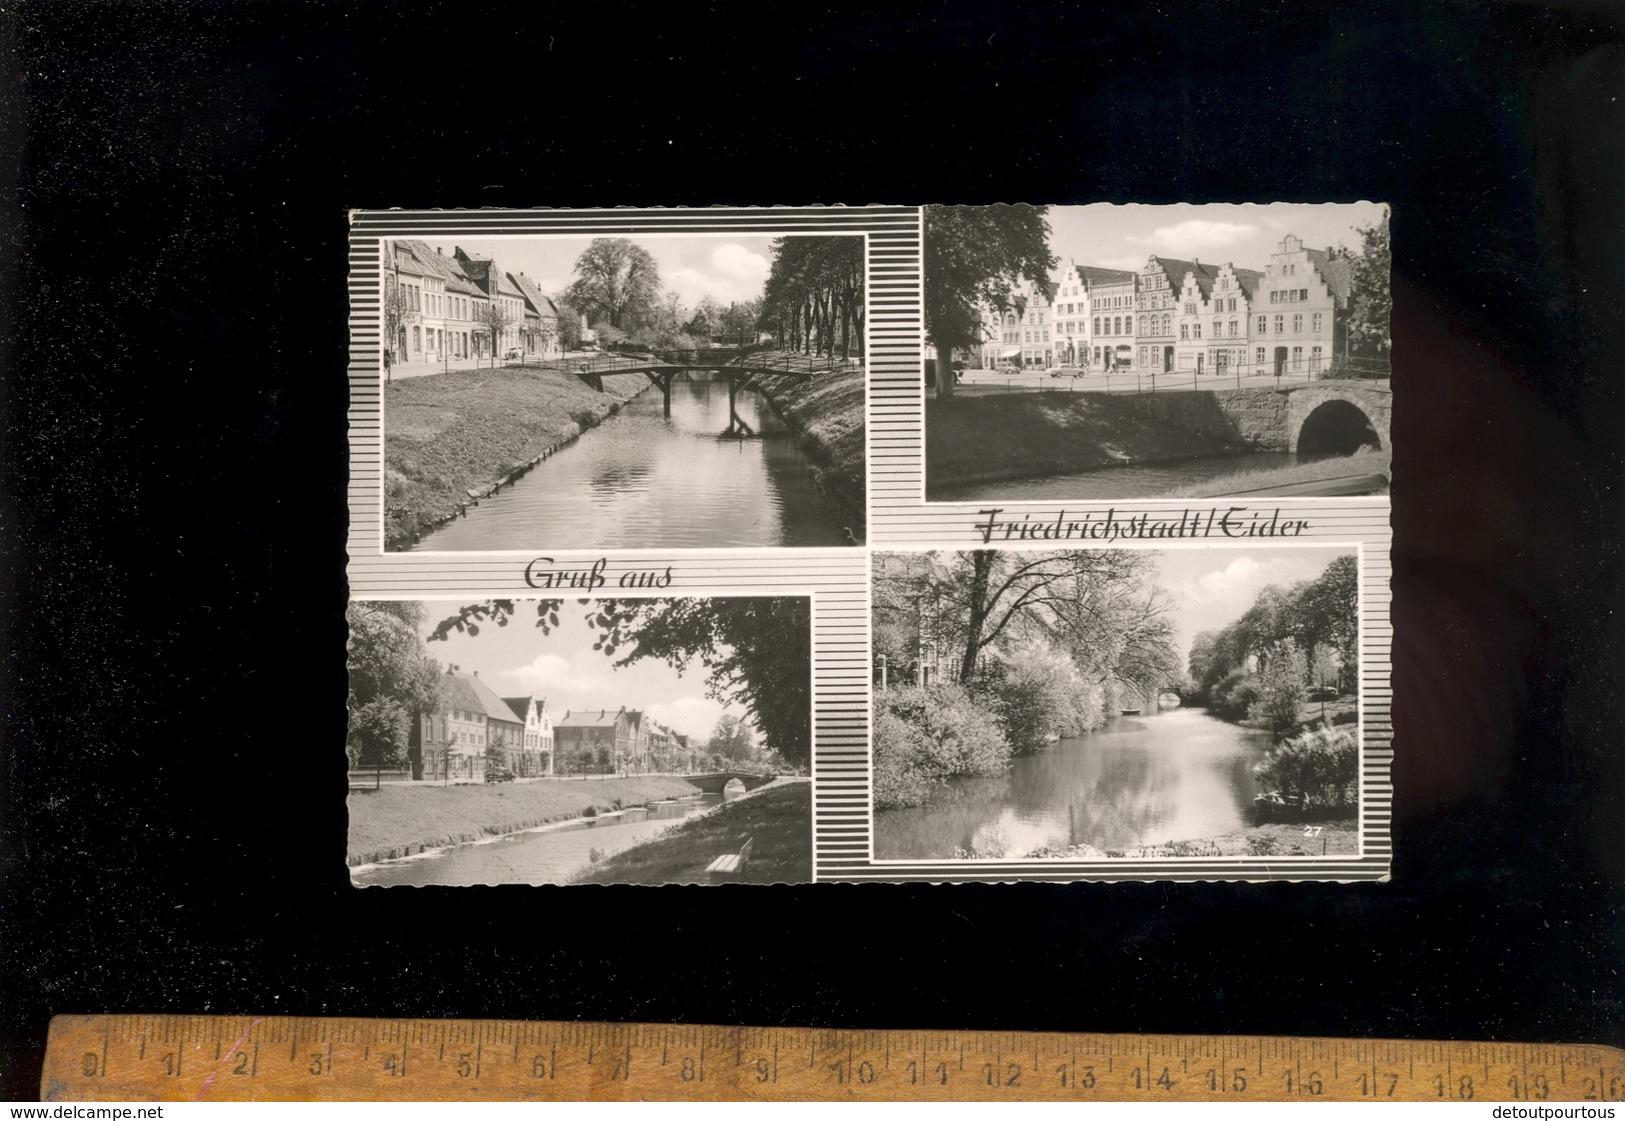 FRIEDRICHSTADT Am EIDER : Gruss Aus Frierichstadt 1960 - Friedrichsruh